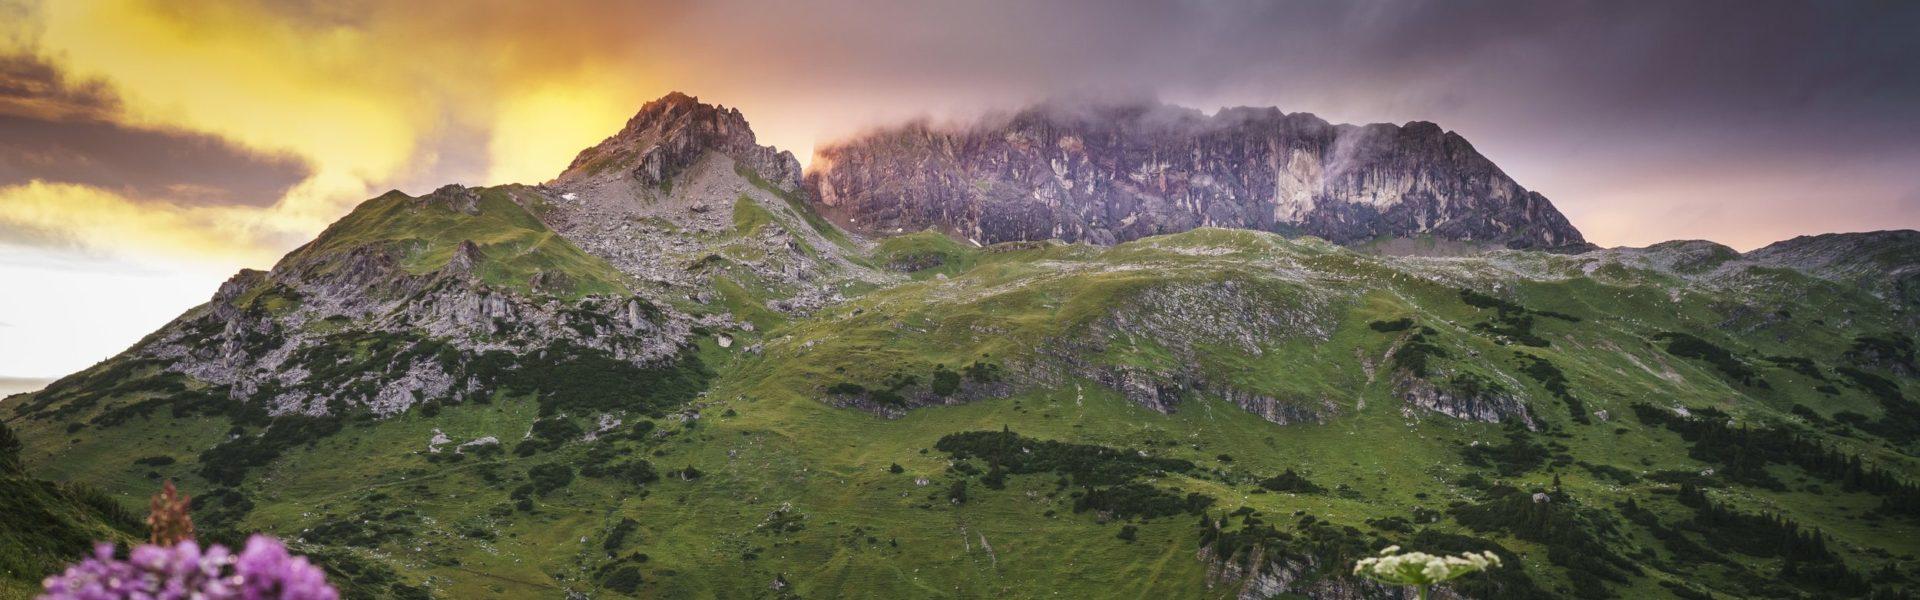 Formarinsee und Rote Wand © Dietmar Denger / Vorarlberg Tourismus